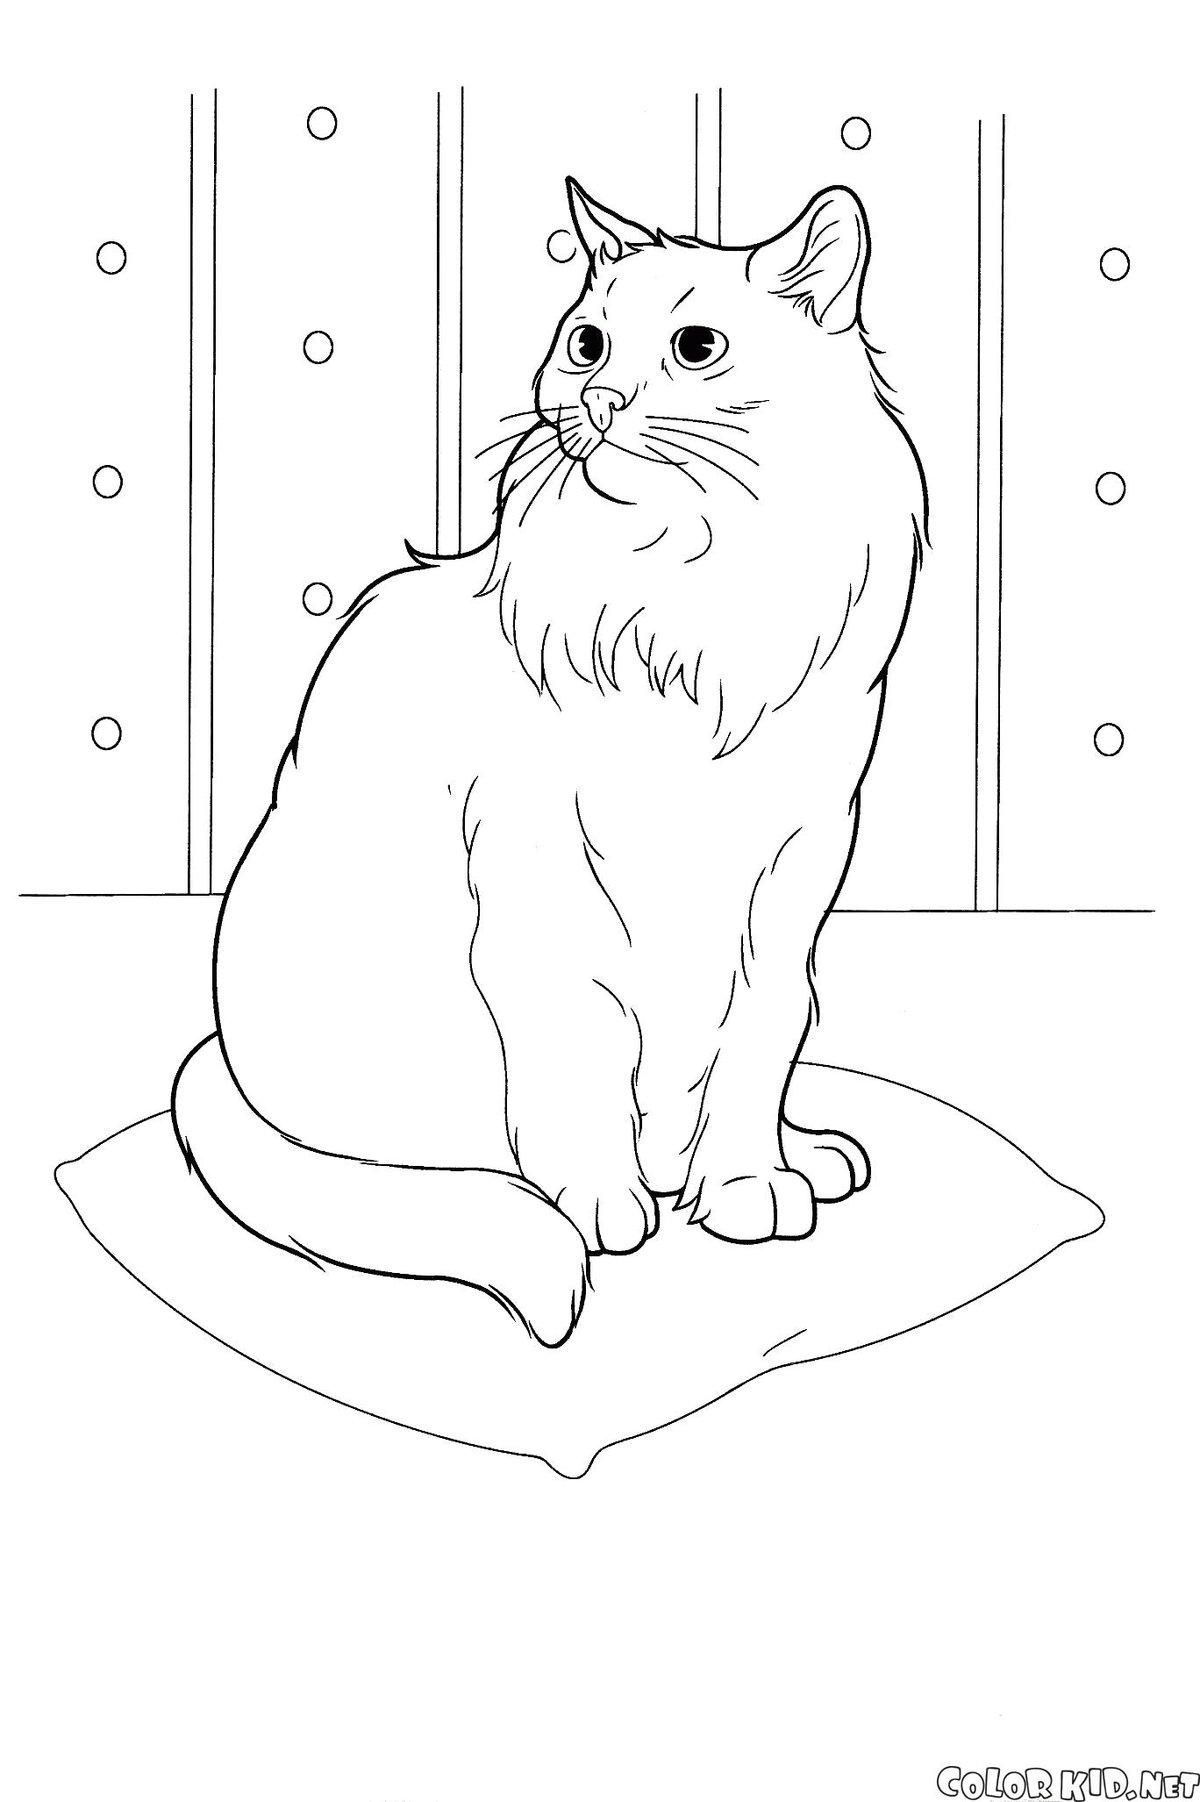 Картинки поздравление, как нарисовать открытку животных